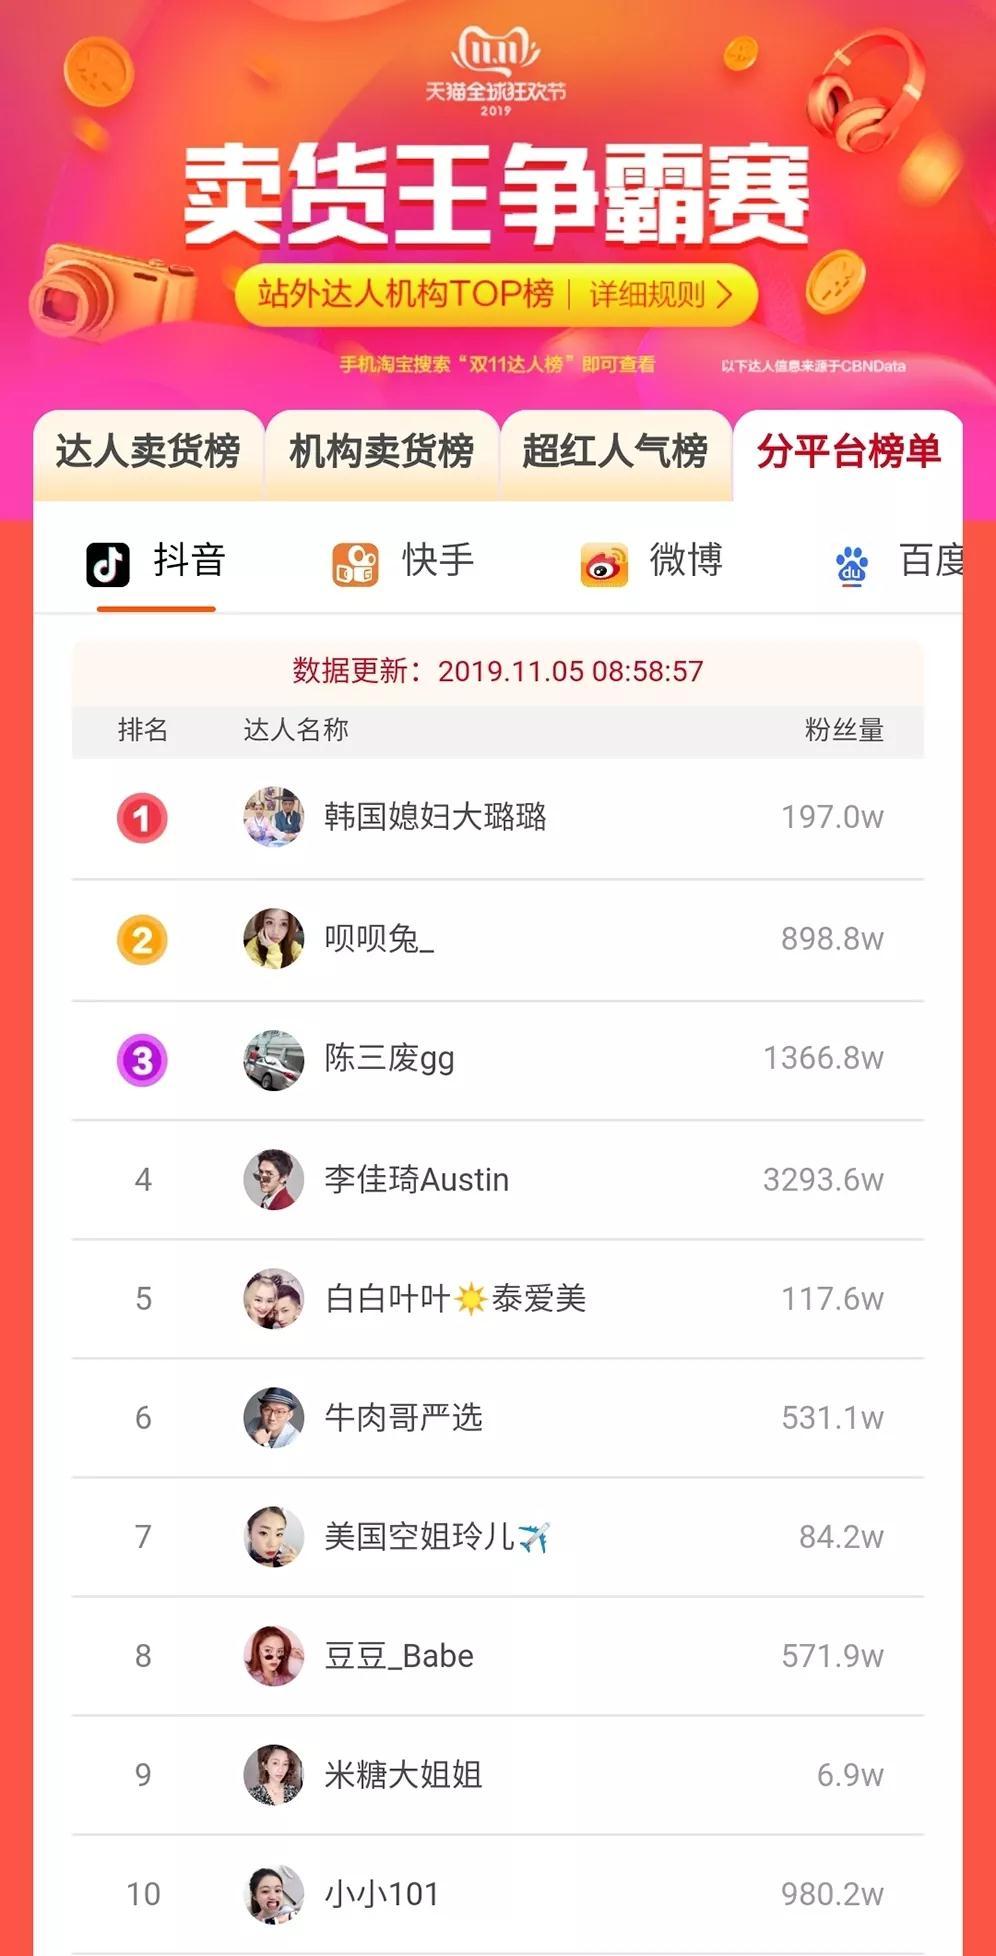 【方寸社】黄博:未来1年是做短视频最赚钱的时刻